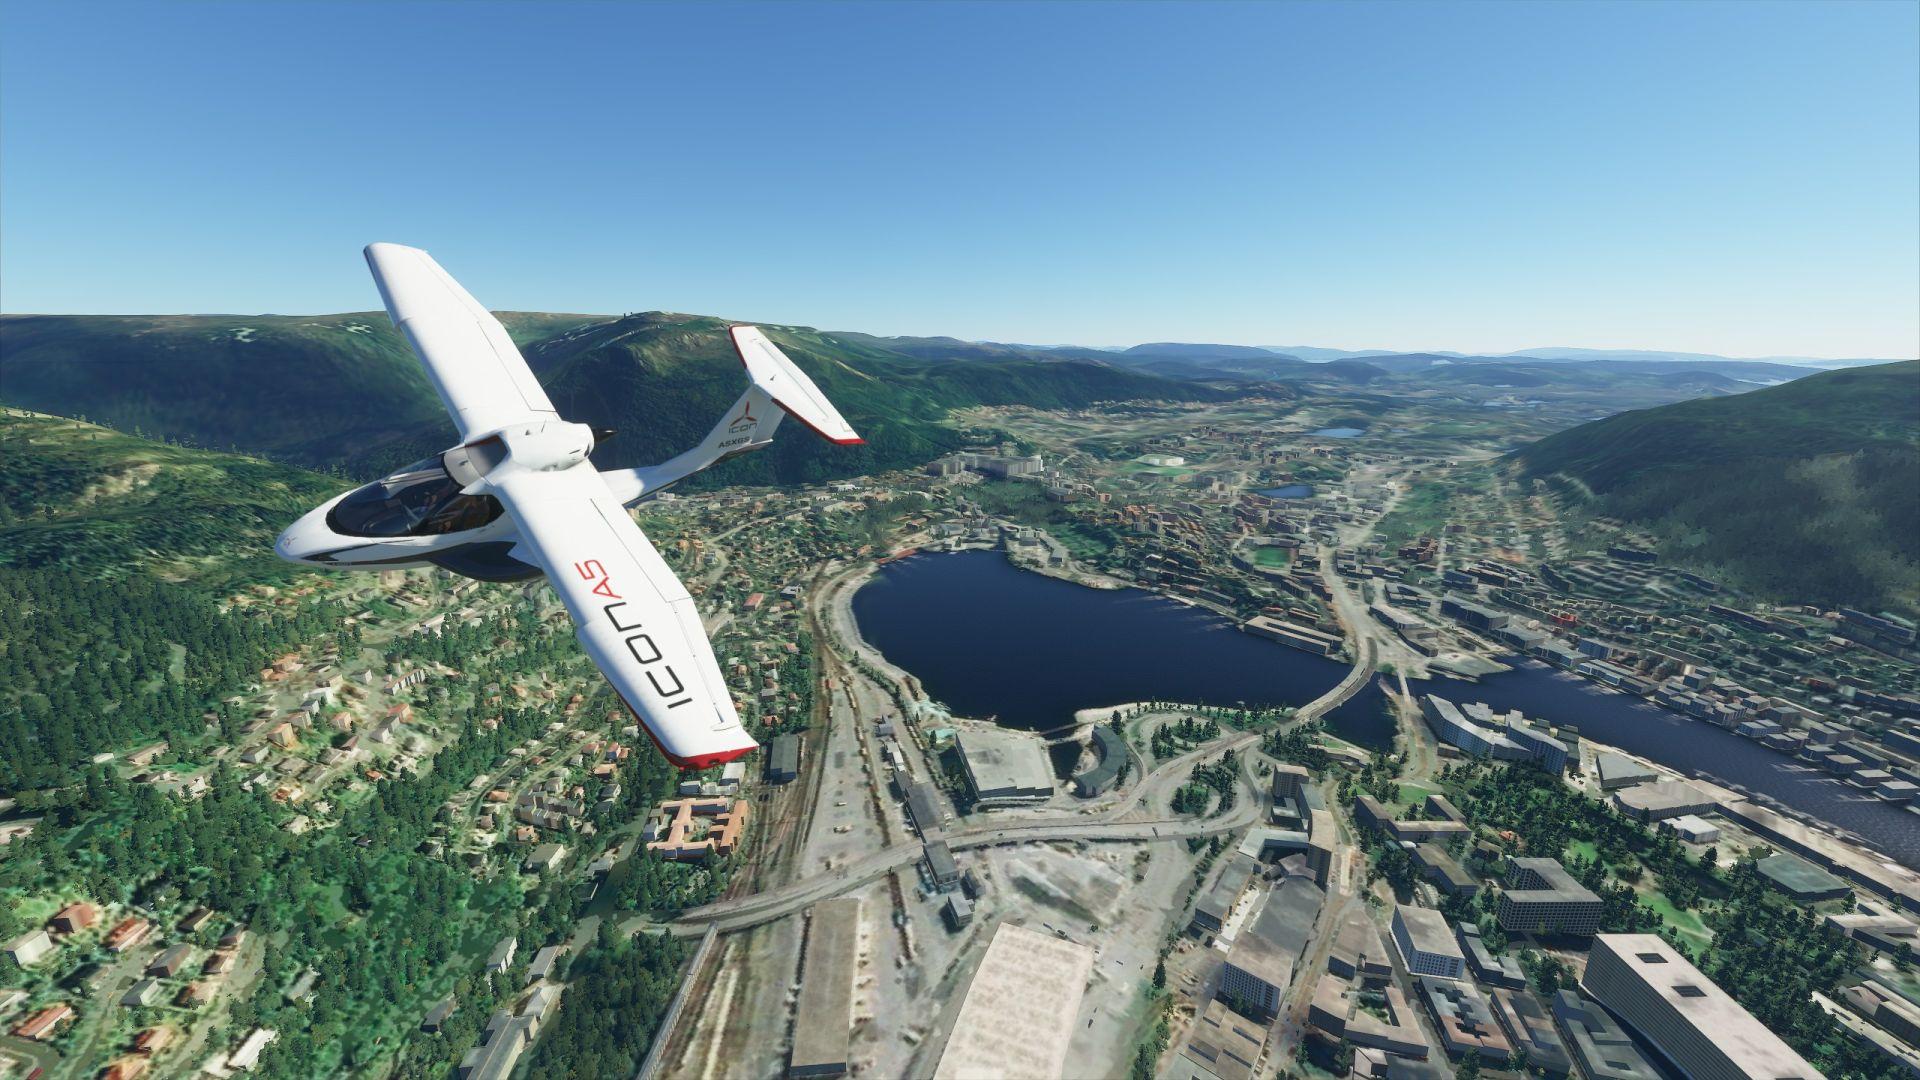 Una captura de pantalla de Microsoft Flight Simulator.  Un avión sobrevuela Bergen en Noruega.  A continuación se muestra una pequeña ciudad con muchos lagos y ríos.